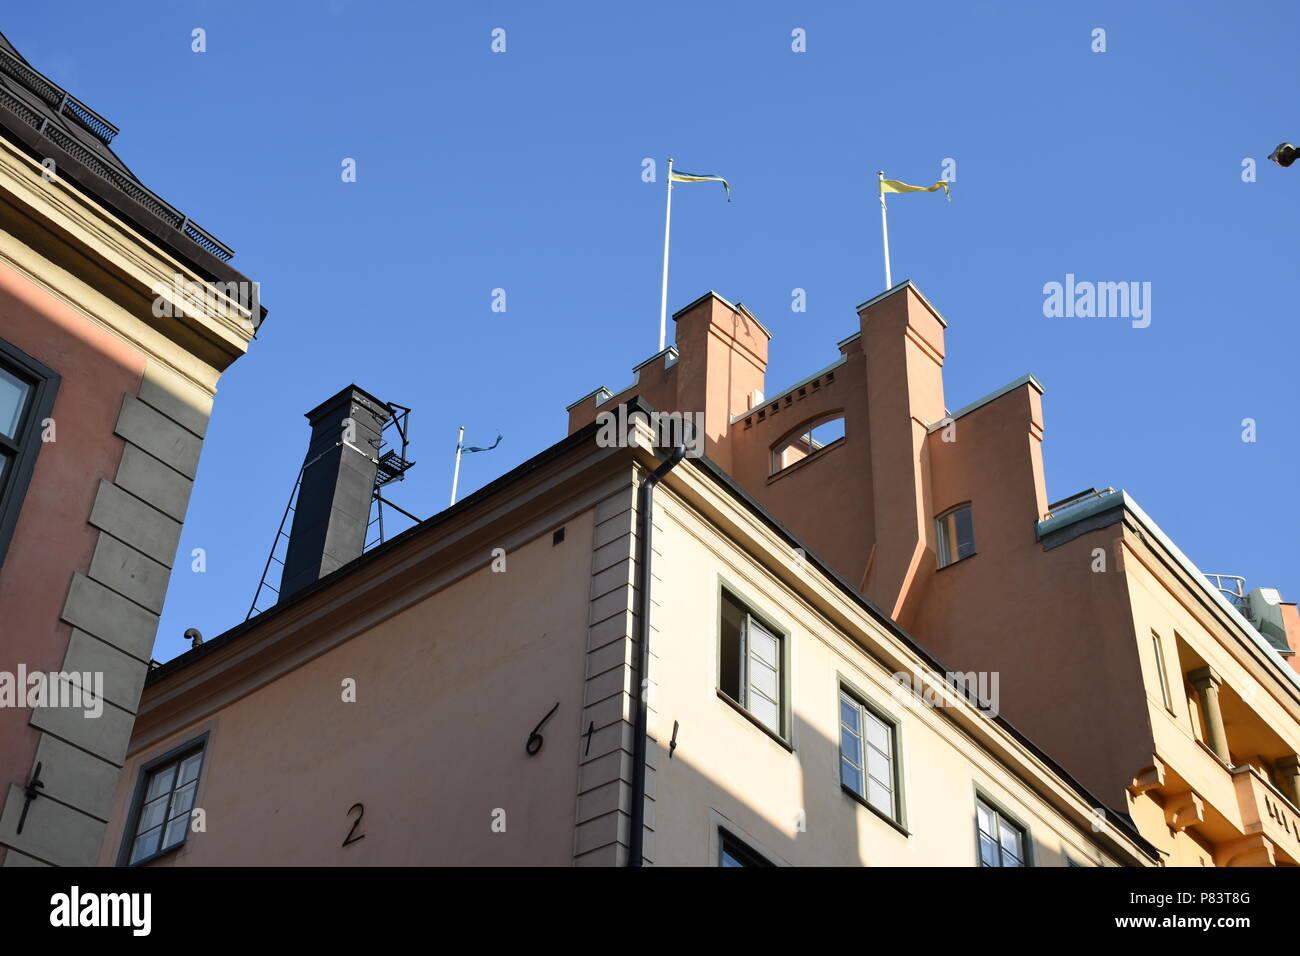 Stockholm, Schweden, Skandinavien, Stadt, Hauptstadt, Södermalm, Gamla Stan, Altstadt, Bürgerhaus, Jugendstil, Kirche Stock Photo